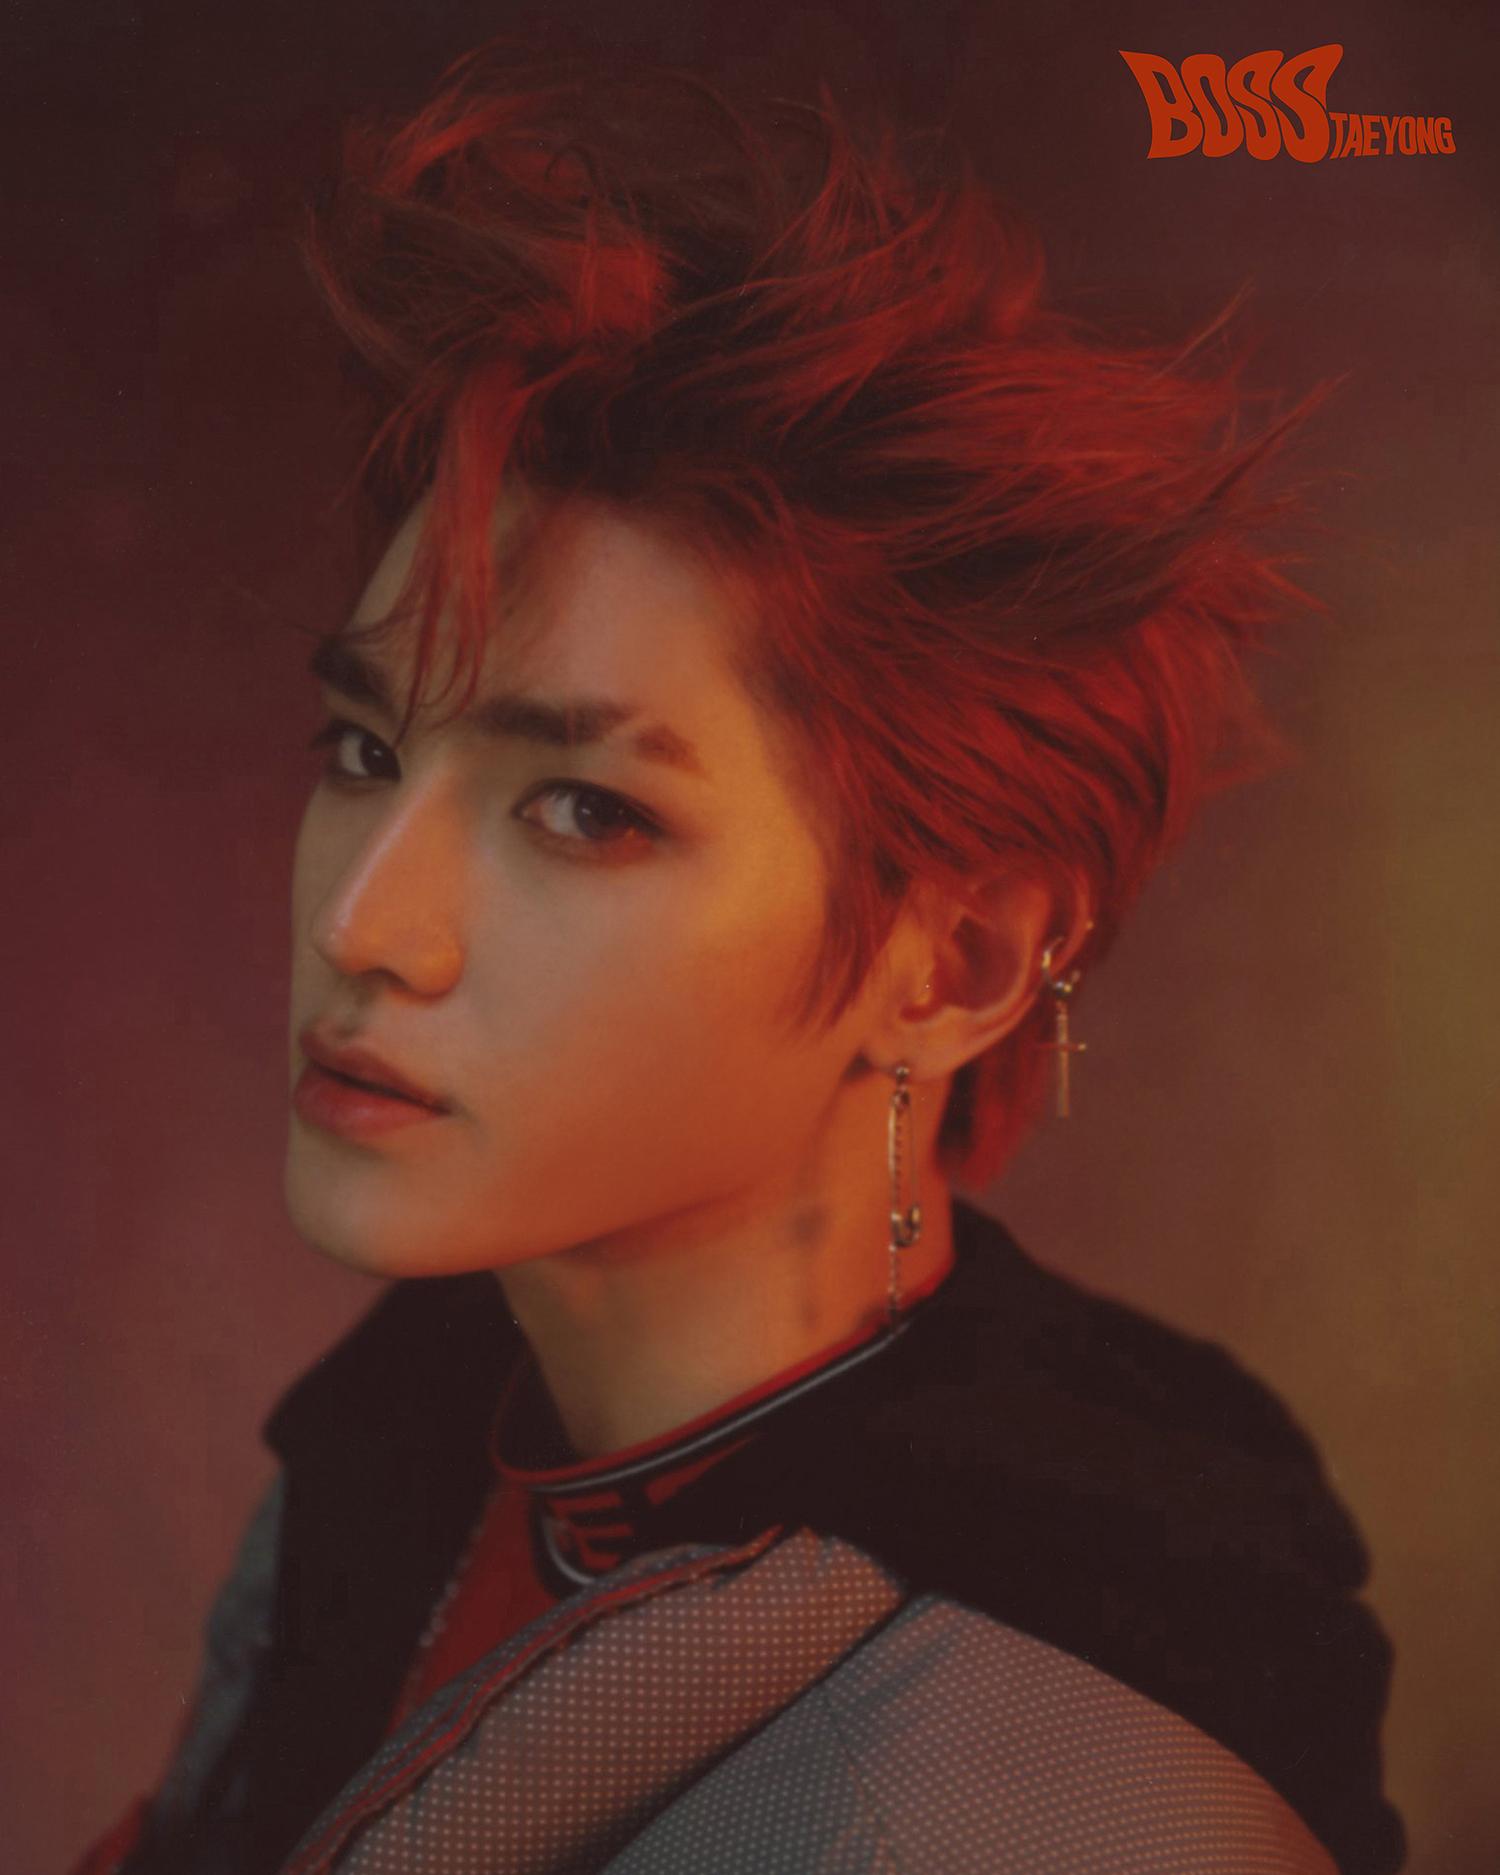 NCT U 태용, 도영, 정우 첫 티저 공개! 신곡 'BOSS'에 대한 기대감↑